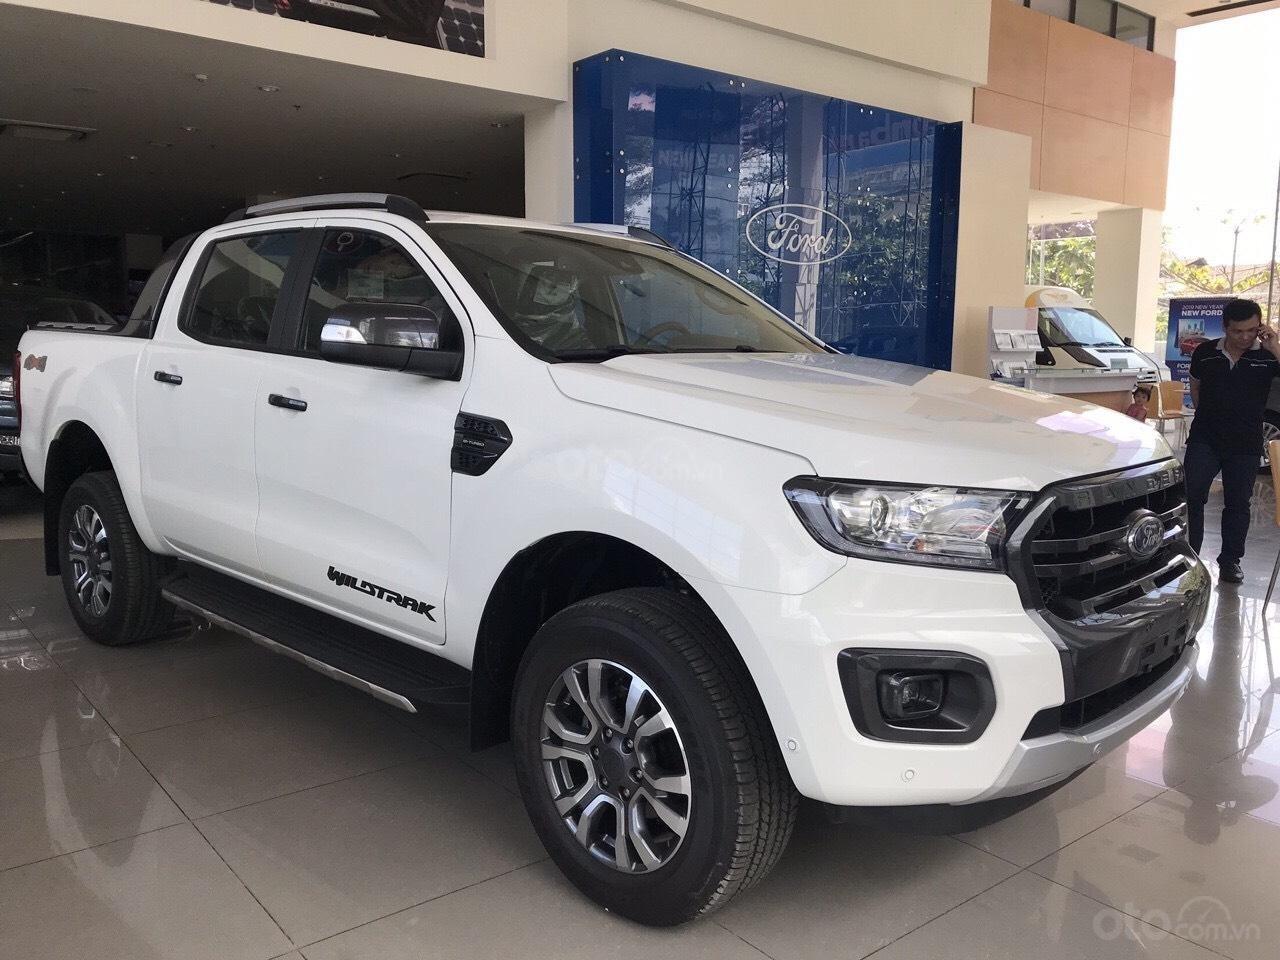 Ford Ranger giảm giá thấp nhất trong năm 2019 cùng Quà tặng khủng, bốc thăm trúng thưởng giá trị. ☎️ Dũng - 0908937238-1